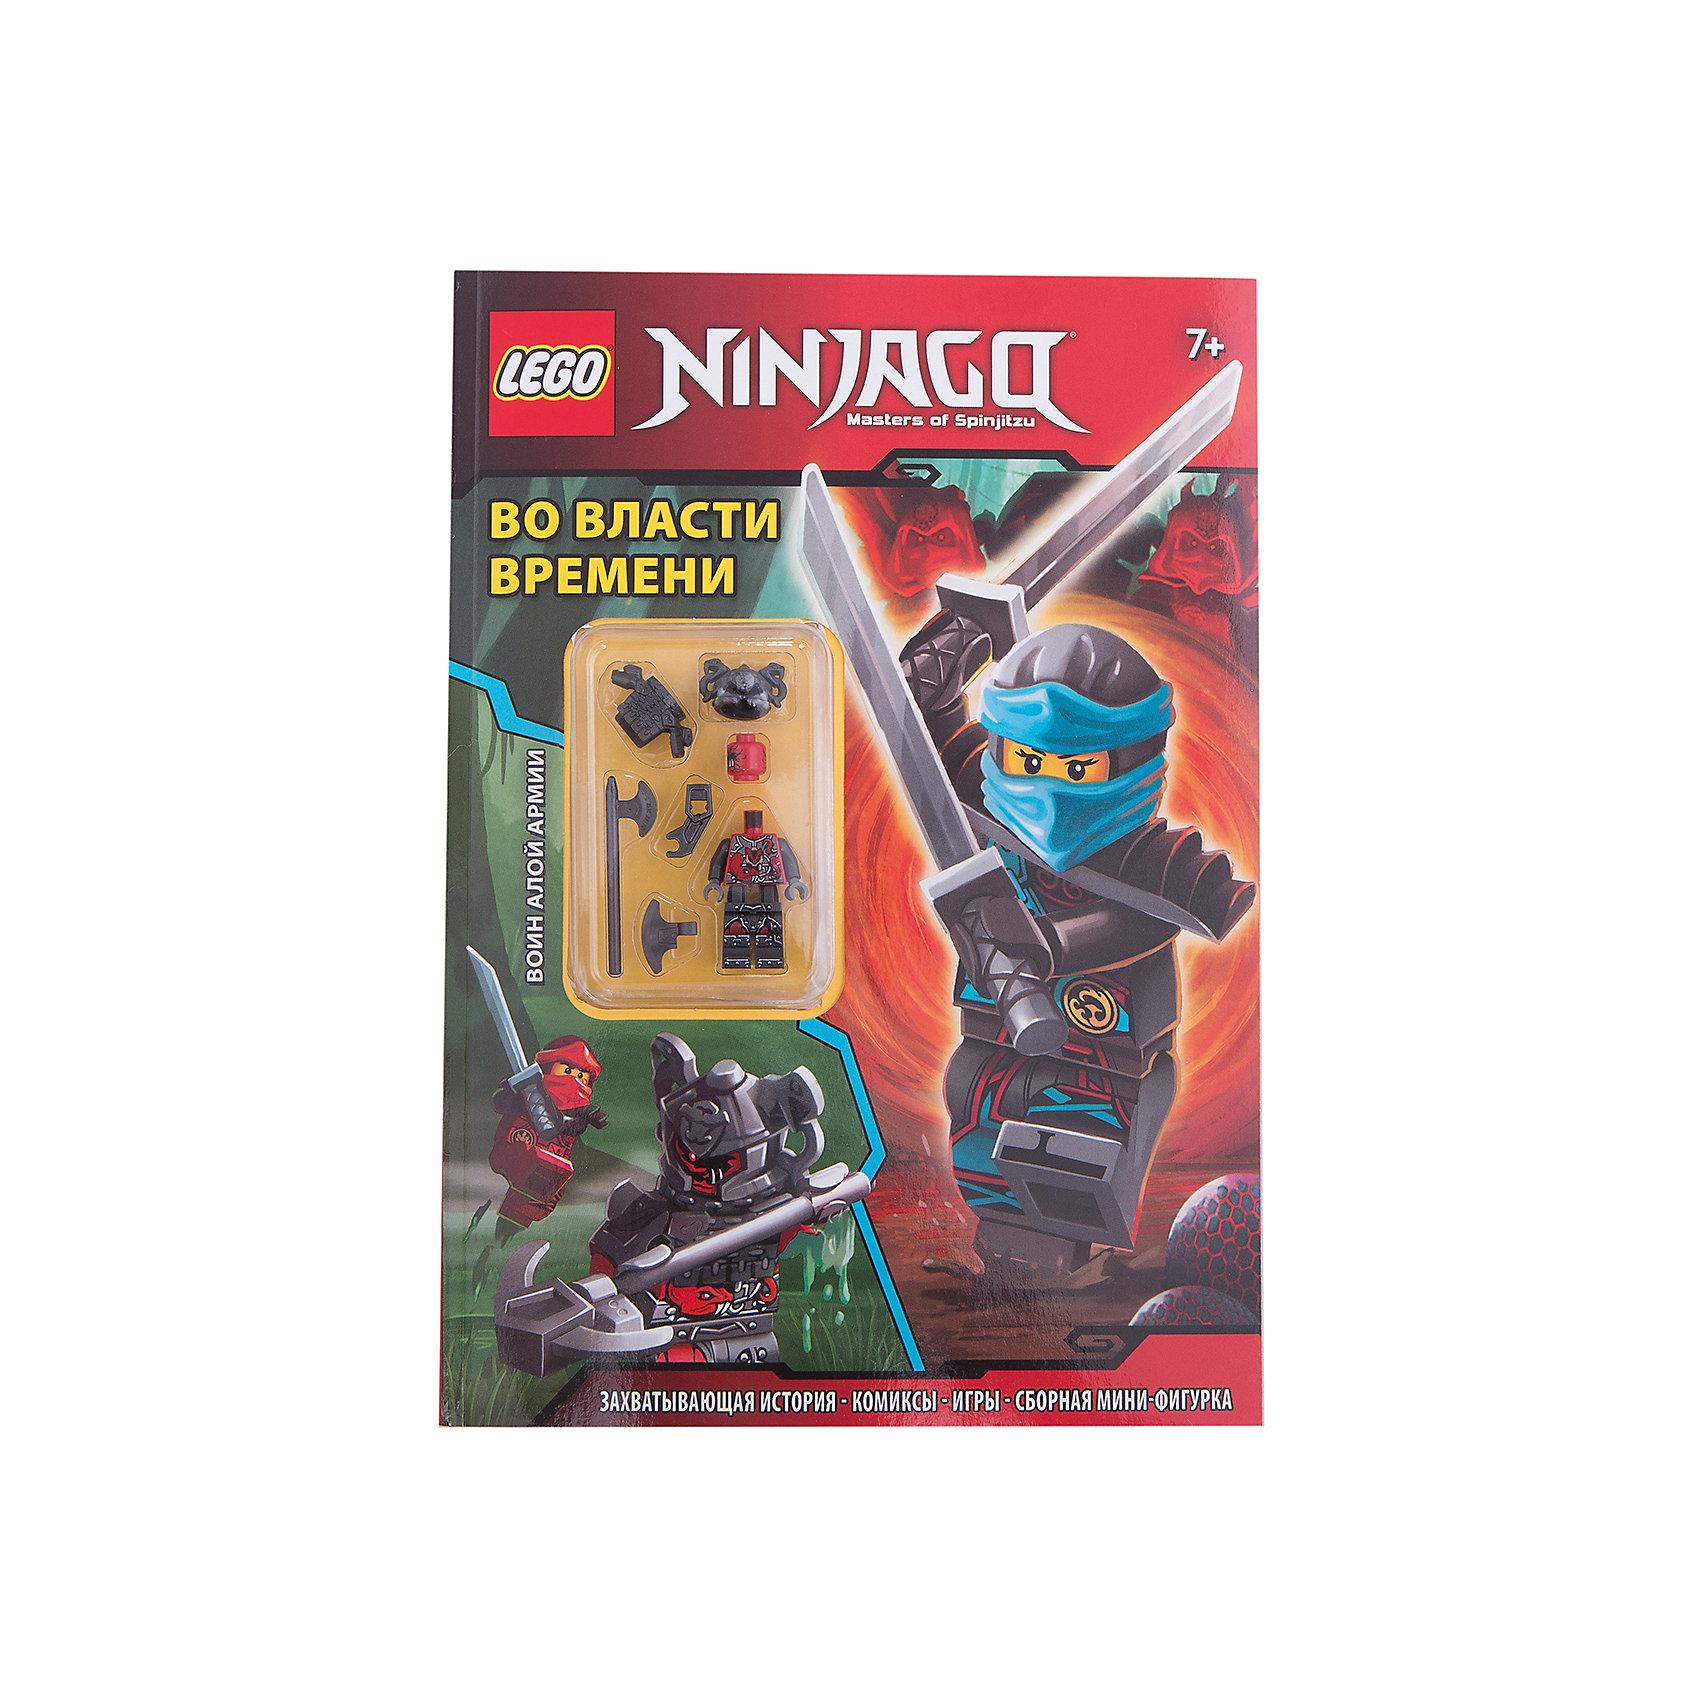 Во власти времени (с мини-фигуркой)LEGO Товары для фанатов<br>В этом удивительном приключении LEGO NINJAGO наши герои сталкиваются с новым противником! Мастер Ву в опасности, и теперь Кай, Ния, Джей, Коул, Зейн и Ллойд должны сразиться с новым врагом – близнецами Времени! Решай головоломки, читай комиксы и собирай собственную мини-фигурку воина Алой армии!<br><br>Ширина мм: 310<br>Глубина мм: 220<br>Высота мм: 10<br>Вес г: 190<br>Возраст от месяцев: 72<br>Возраст до месяцев: 144<br>Пол: Унисекс<br>Возраст: Детский<br>SKU: 6877923